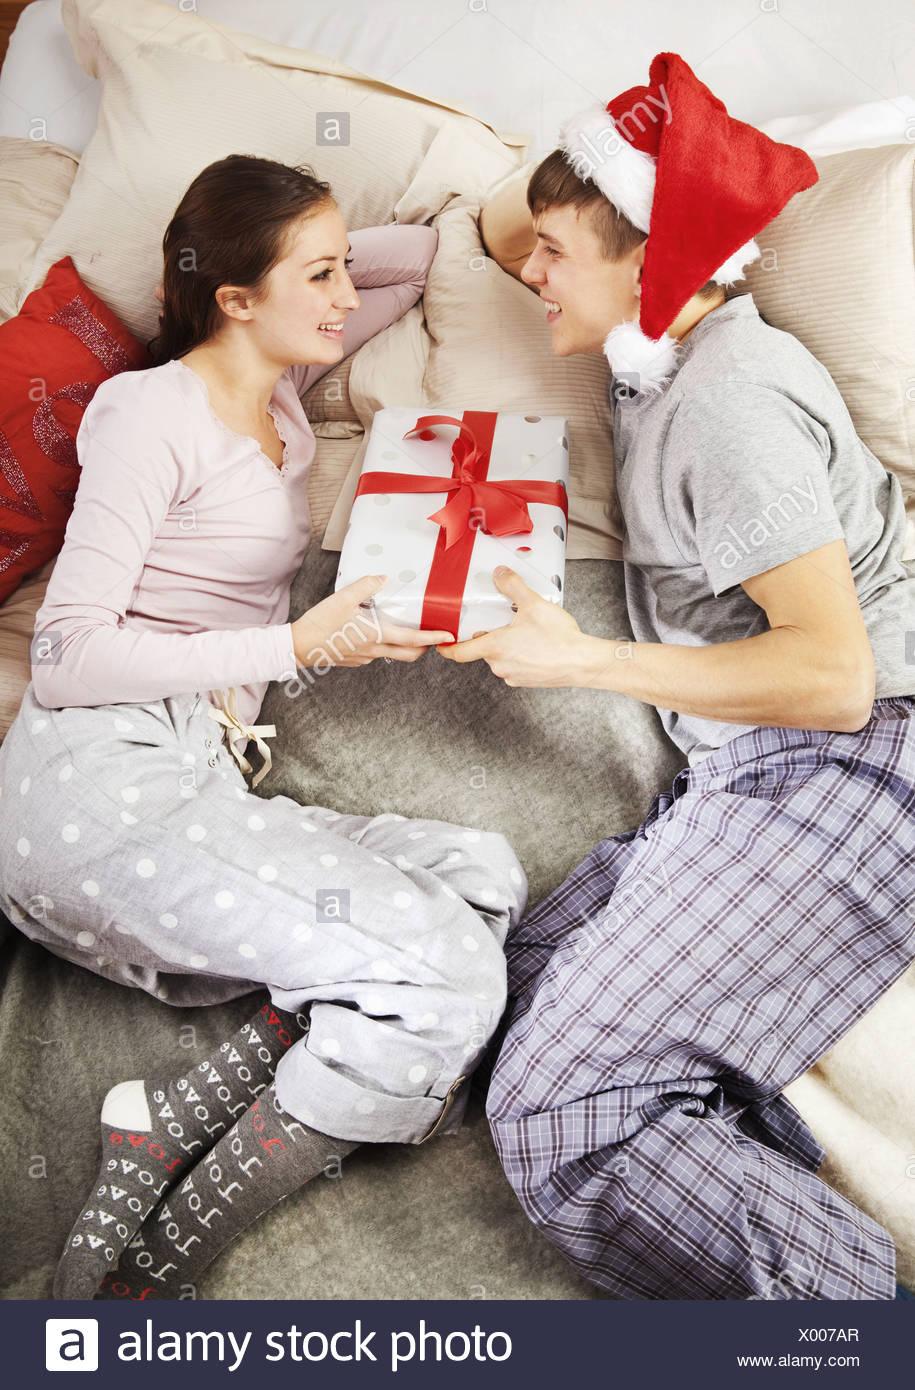 Mann gibt Weihnachtsgeschenk für partner Stockfoto, Bild: 275371679 ...